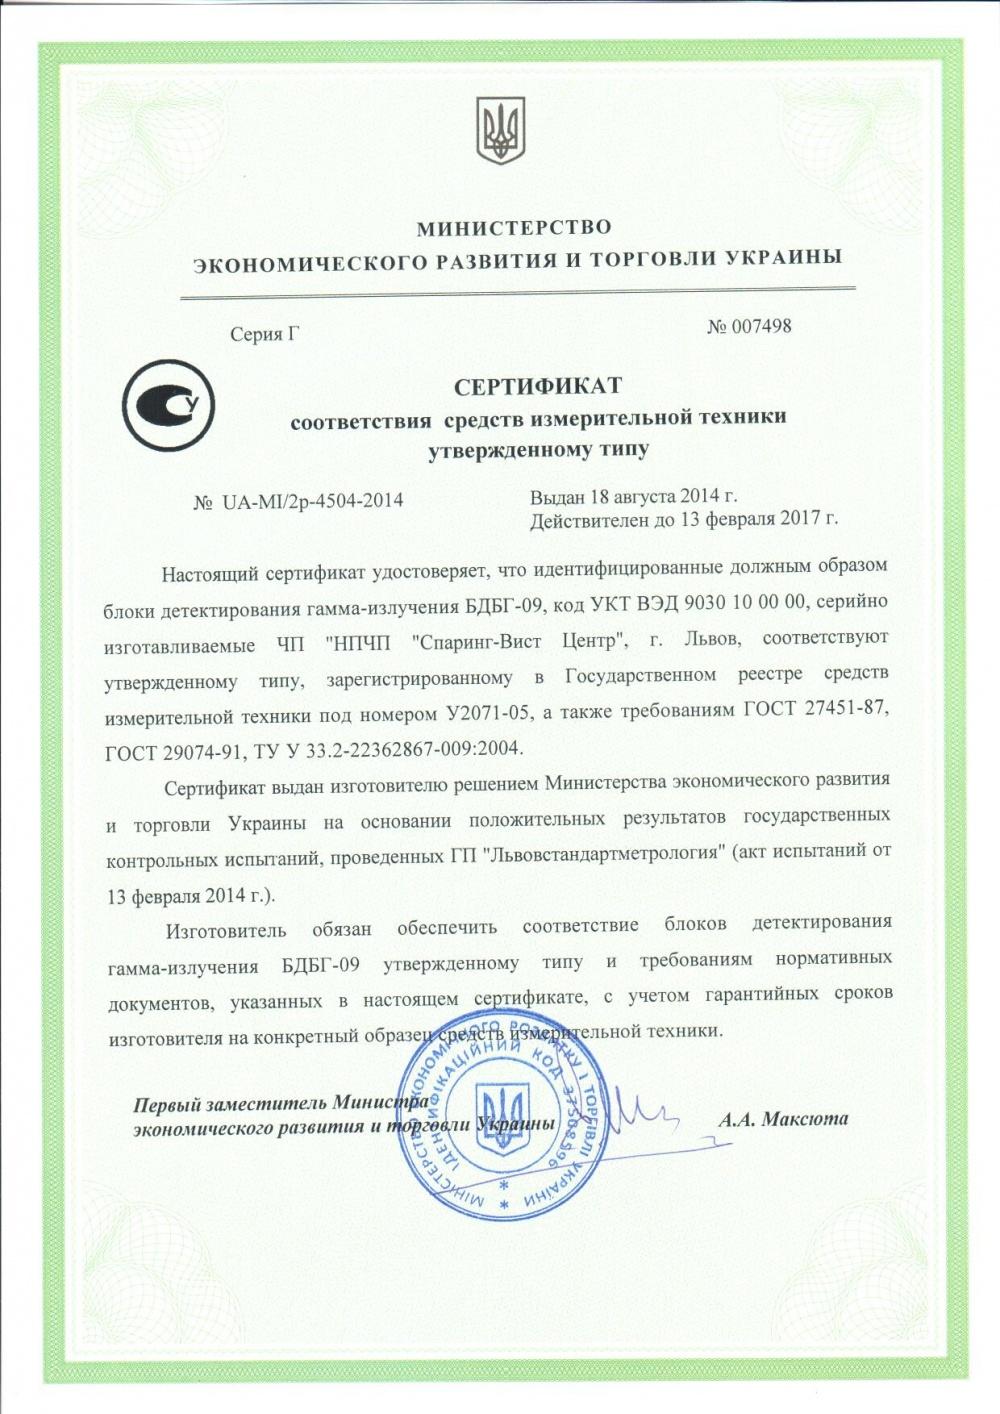 Блок детектирования гамма-излучения (интеллектуальный) водостойкий БДБГ-09 - 1